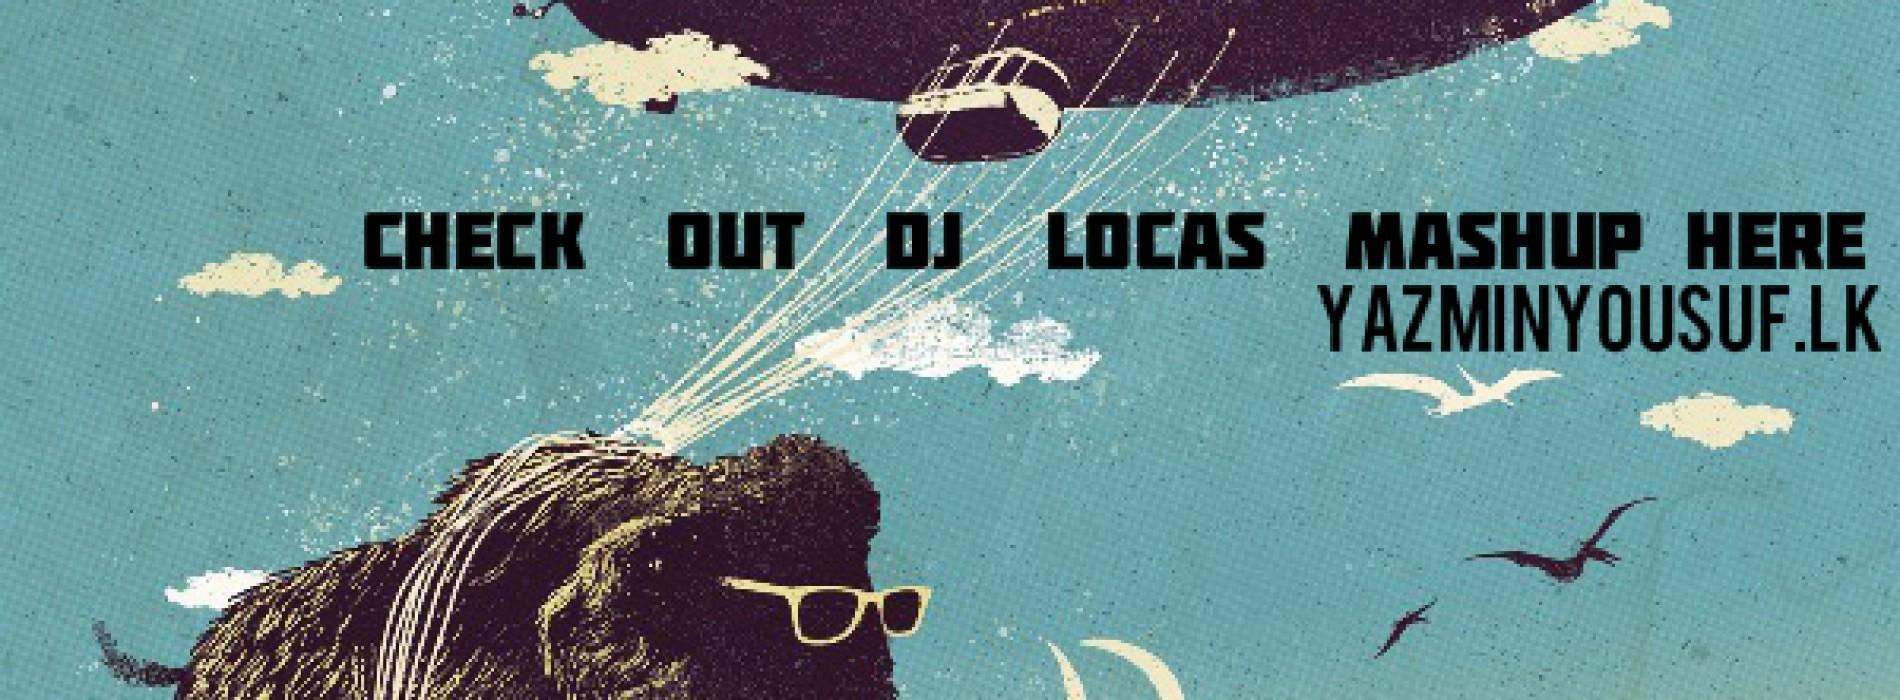 """MashUp Alterta: DJ Loca's """"Safe & Sound"""""""